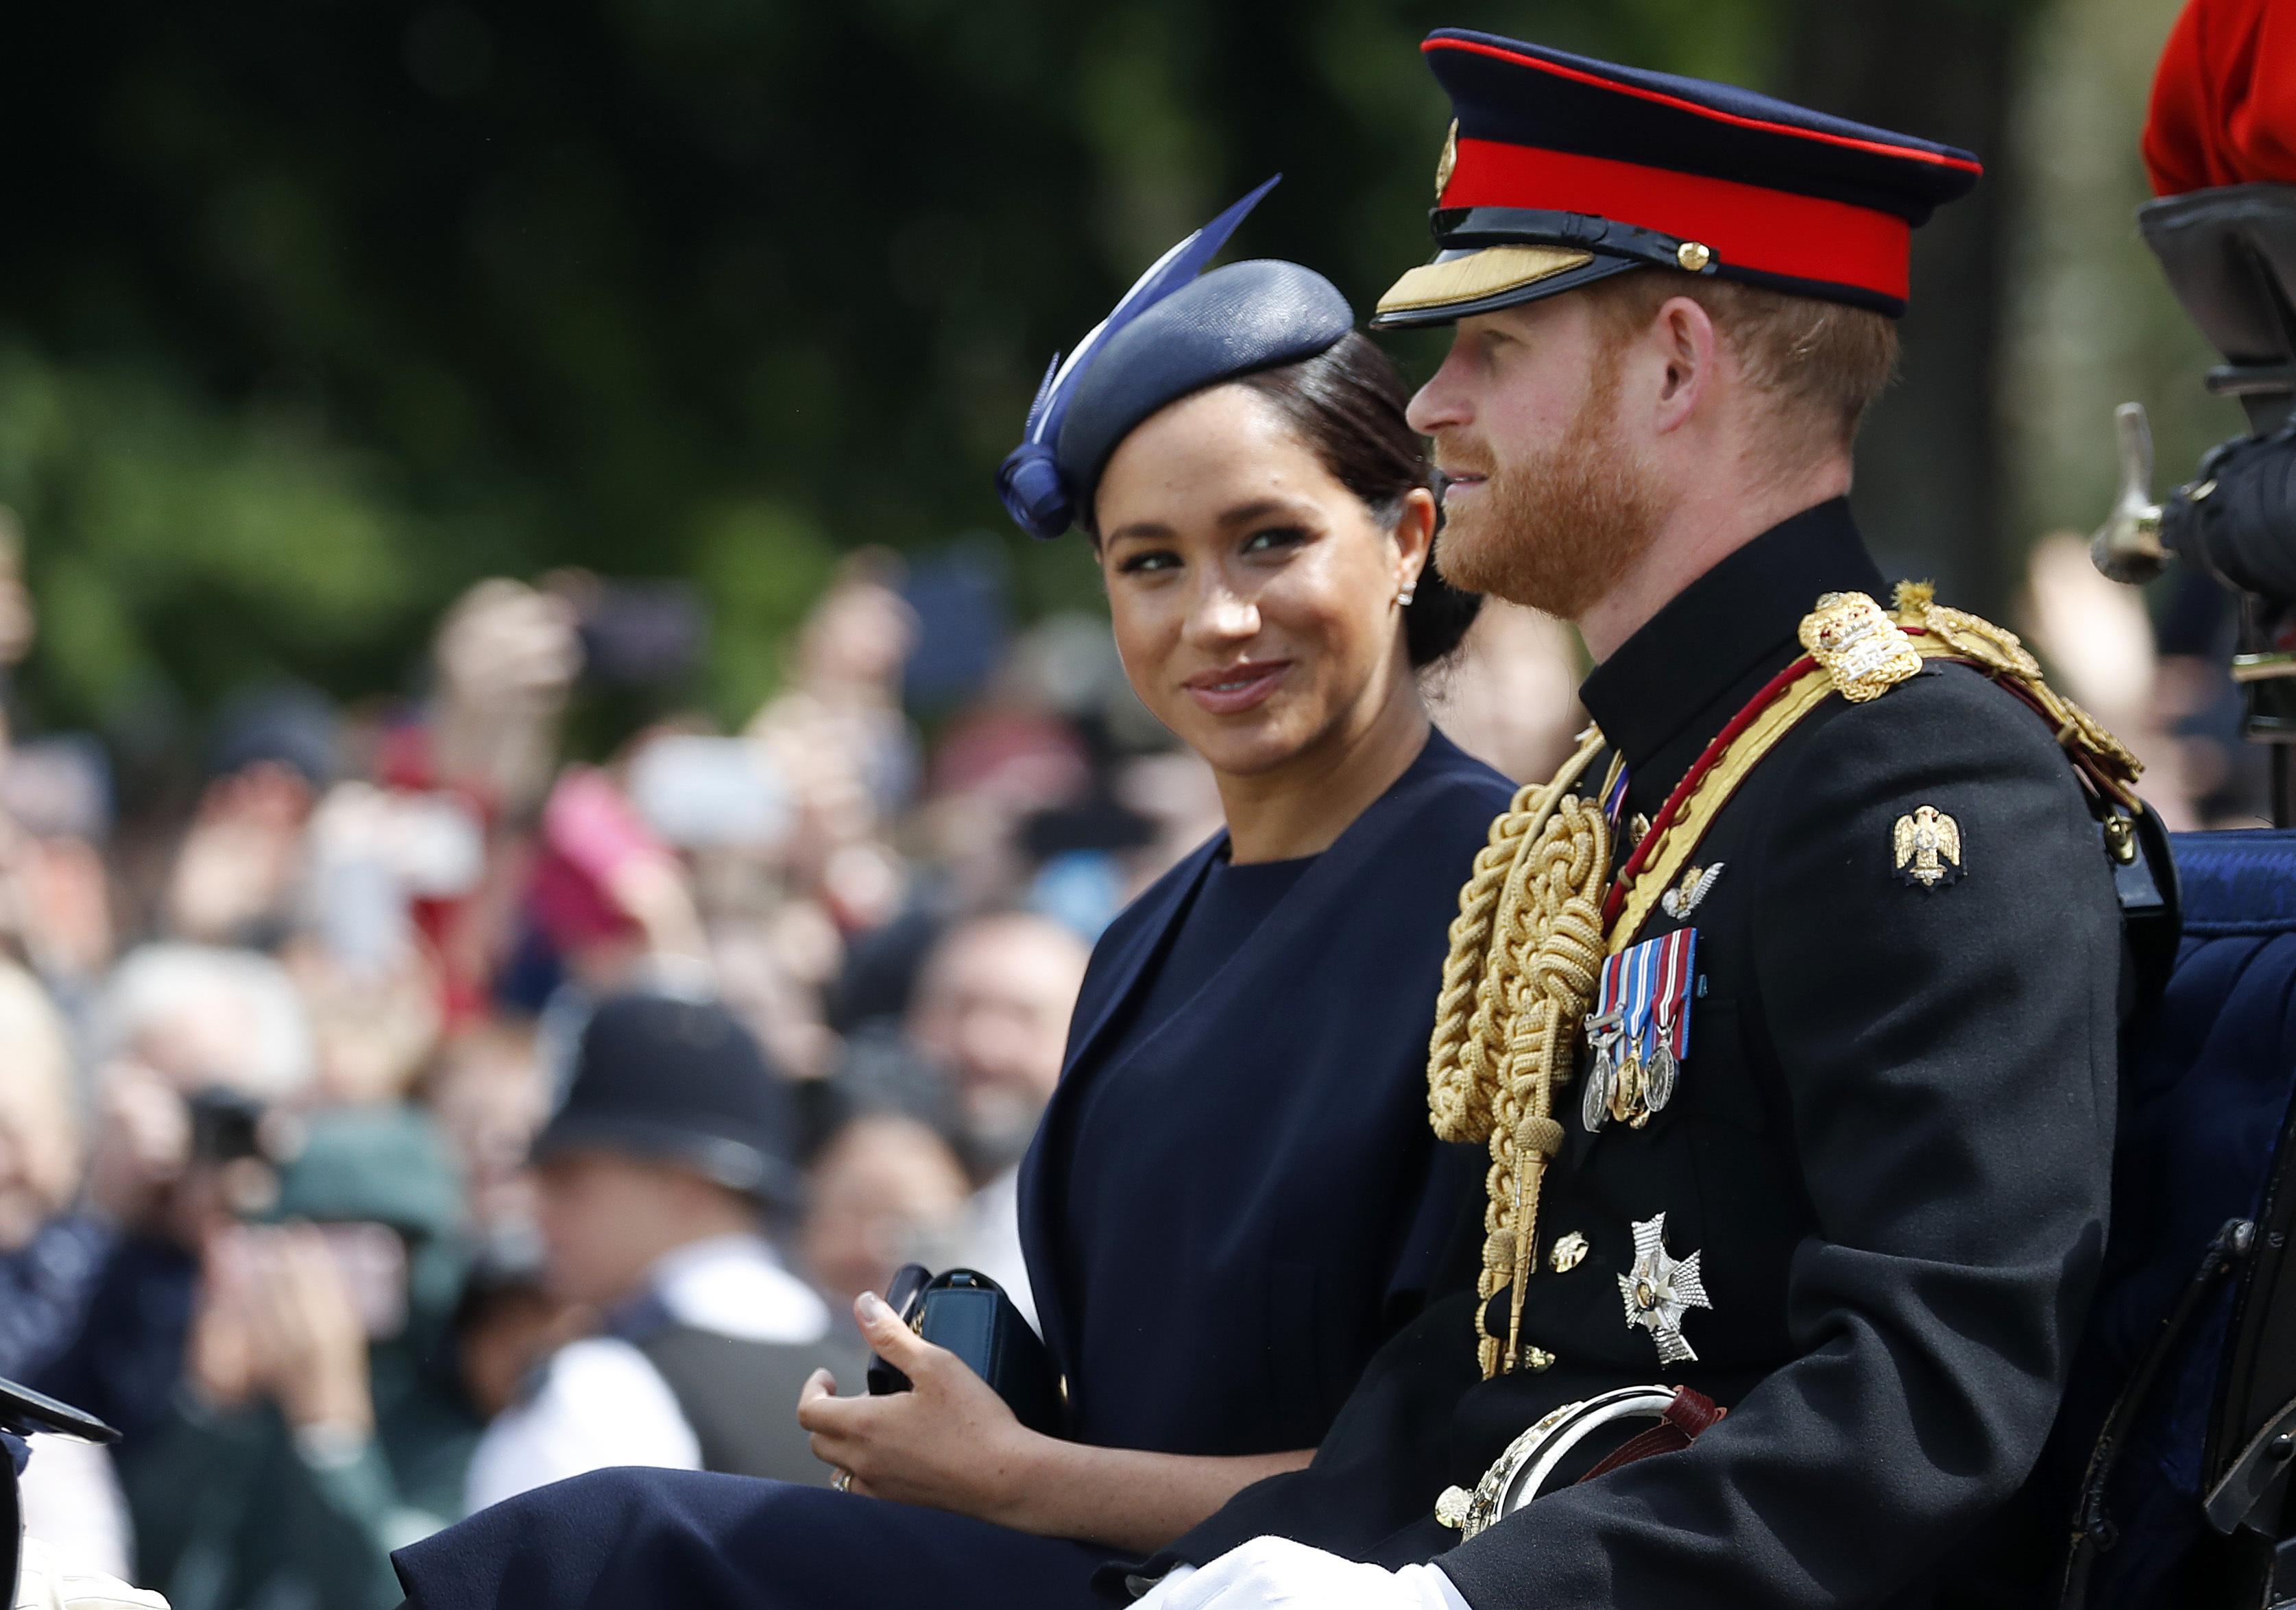 """Luego del nacimiento de su primer hijo, Archie, la duquesa de Sussex, Meghan Markle, reapareció en el evento """"Trooping the Colour"""" que se celebró en junio de 2019. (Archivo)"""